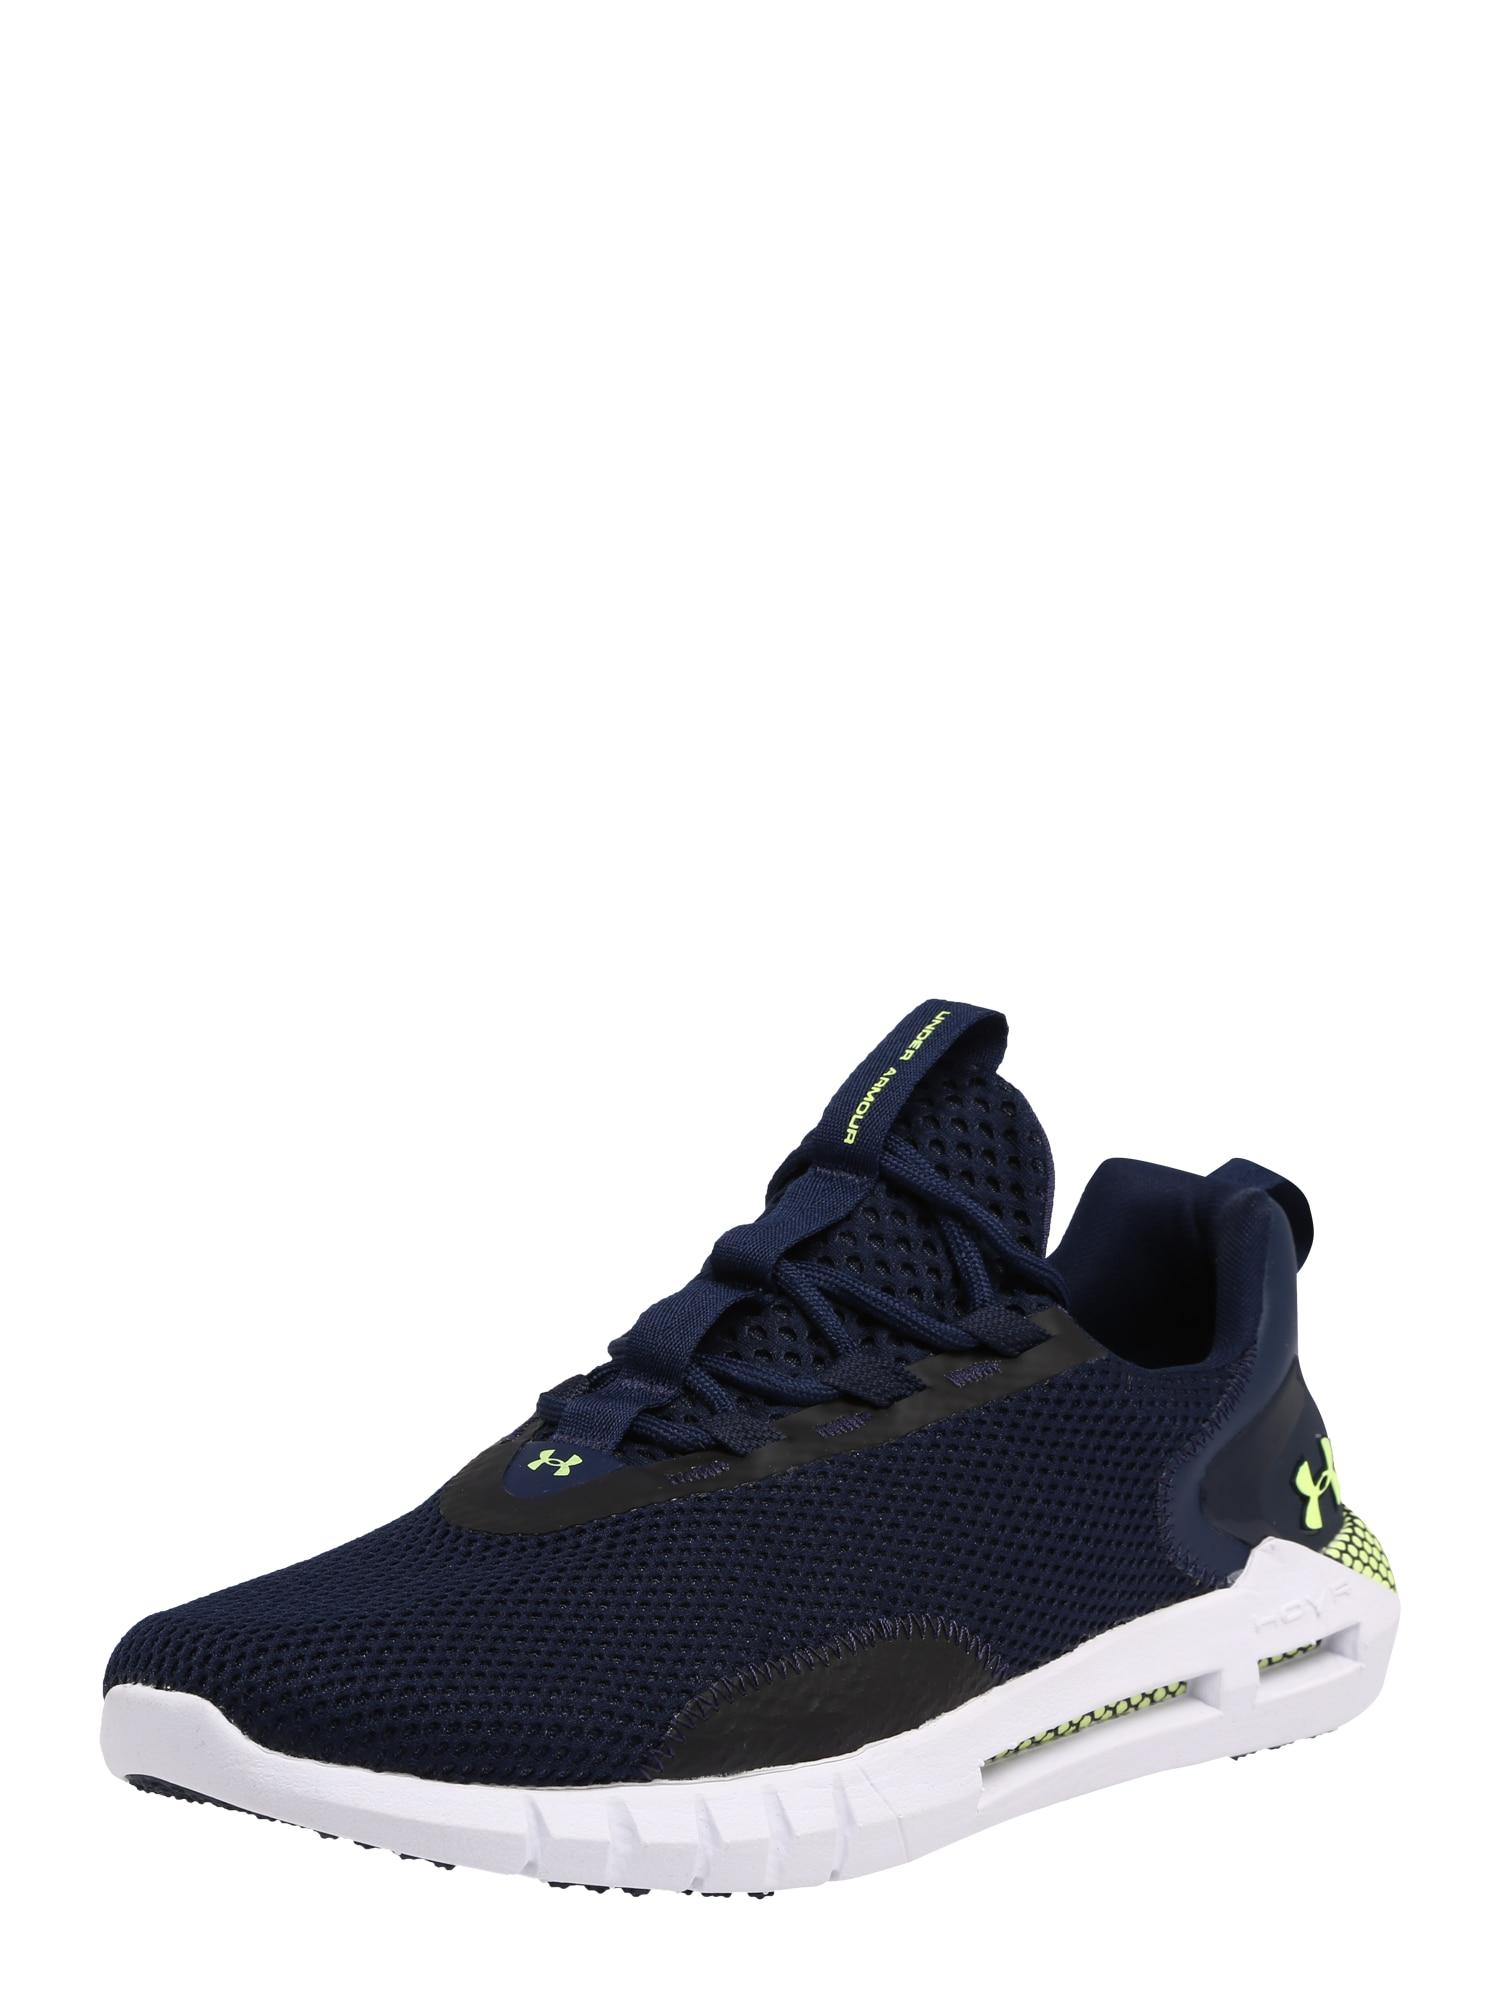 UNDER ARMOUR Bėgimo batai 'HOVR STRT' žaliosios citrinos spalva / tamsiai mėlyna / balta